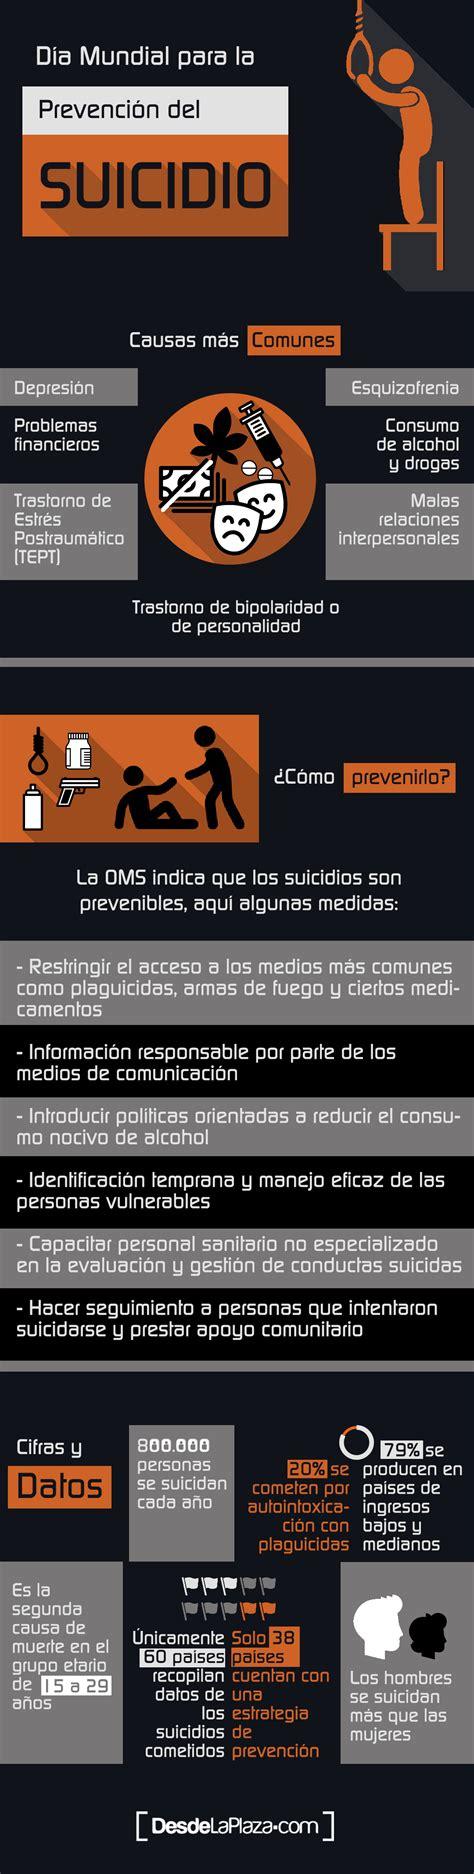 Causas, prevención, datos y cifras del suicidio en el ...